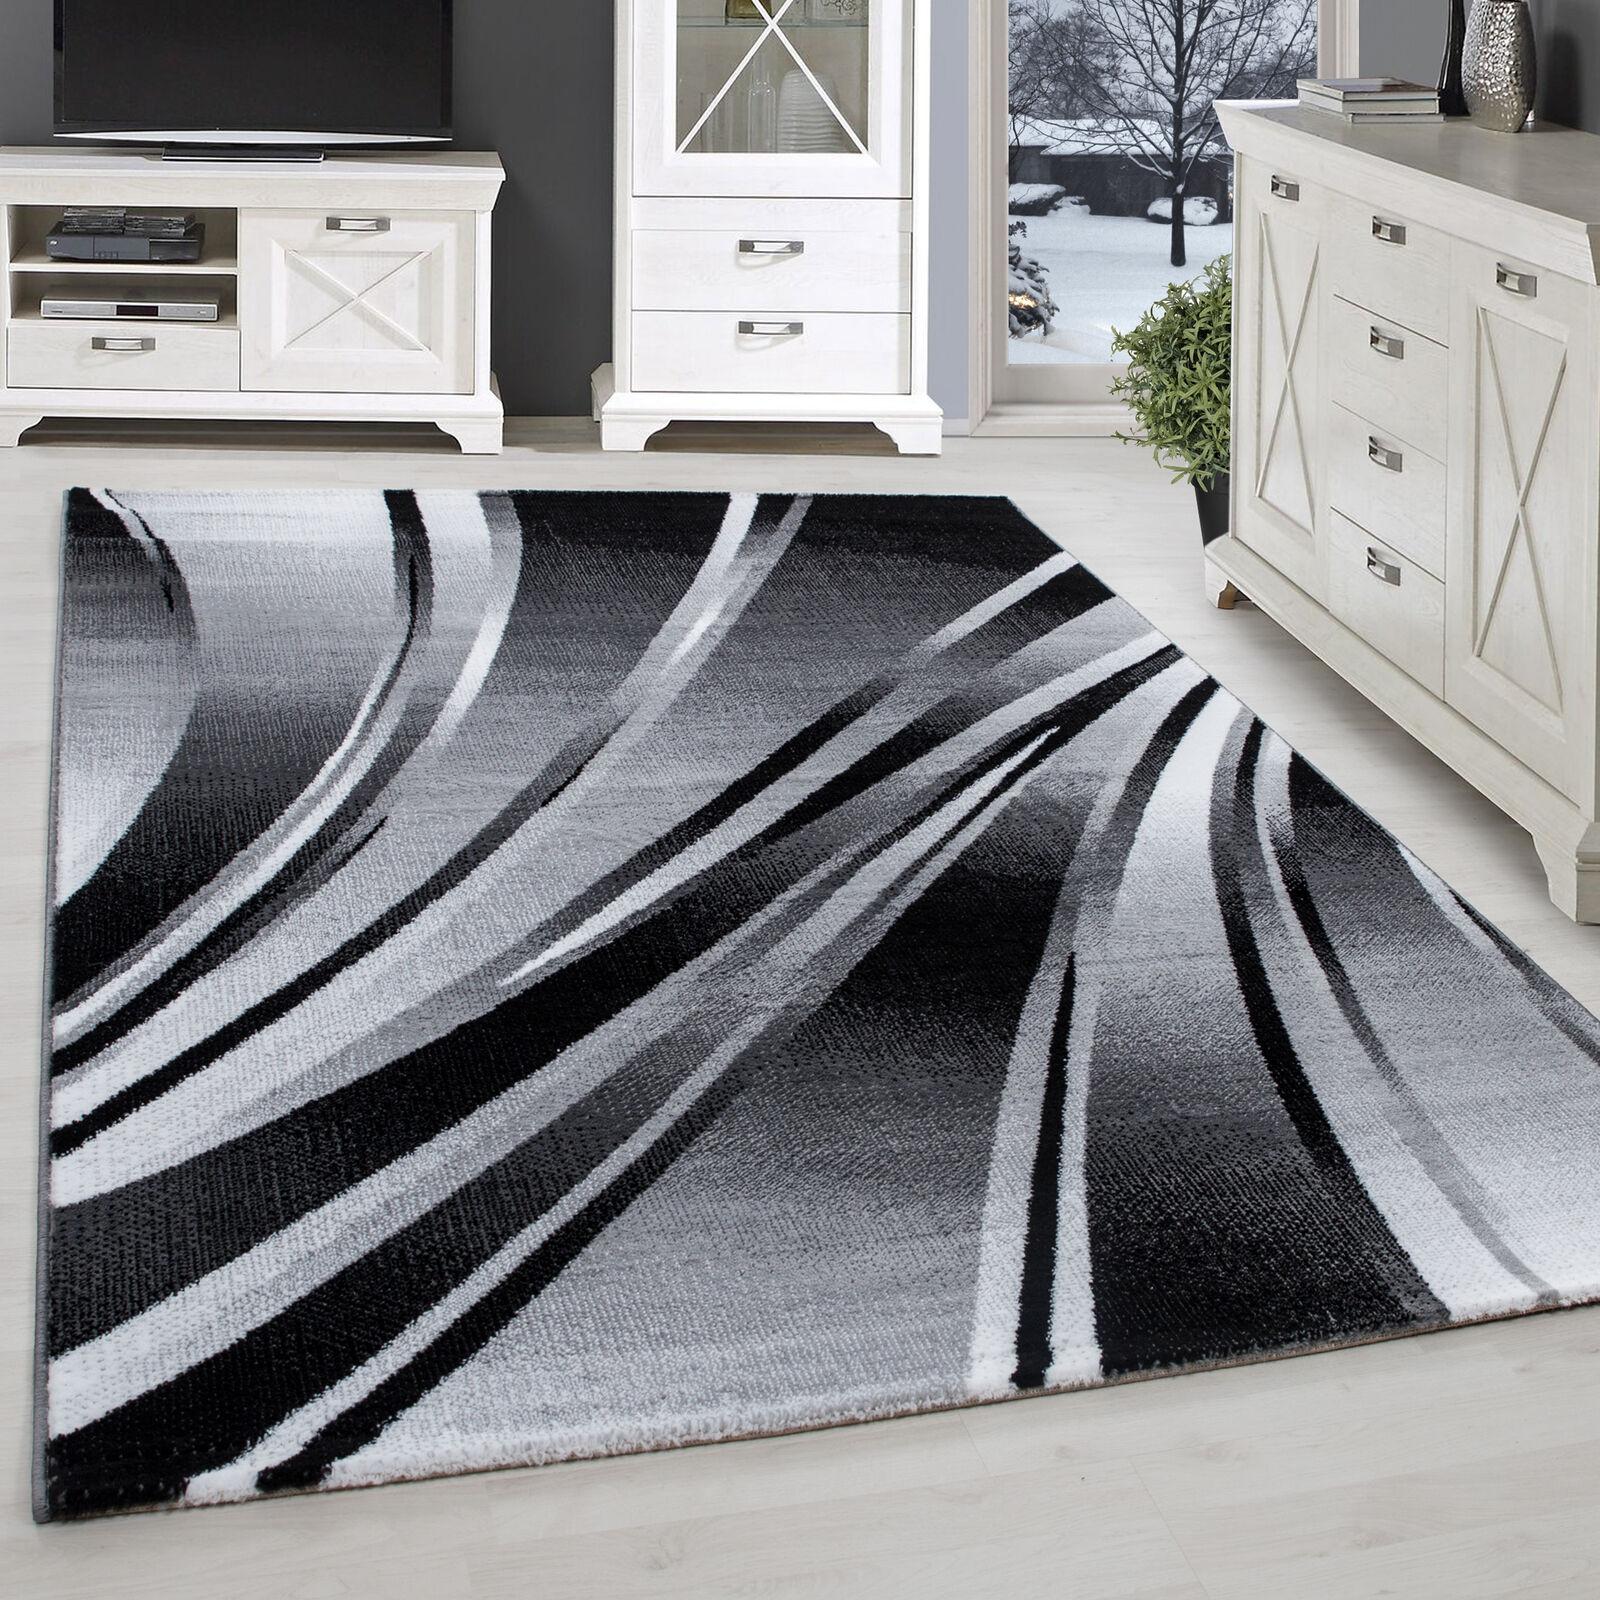 Teppich Modern Designer Wohnzimmer Kurzflor Abstrakt Wellen Muster Schwarz Grau